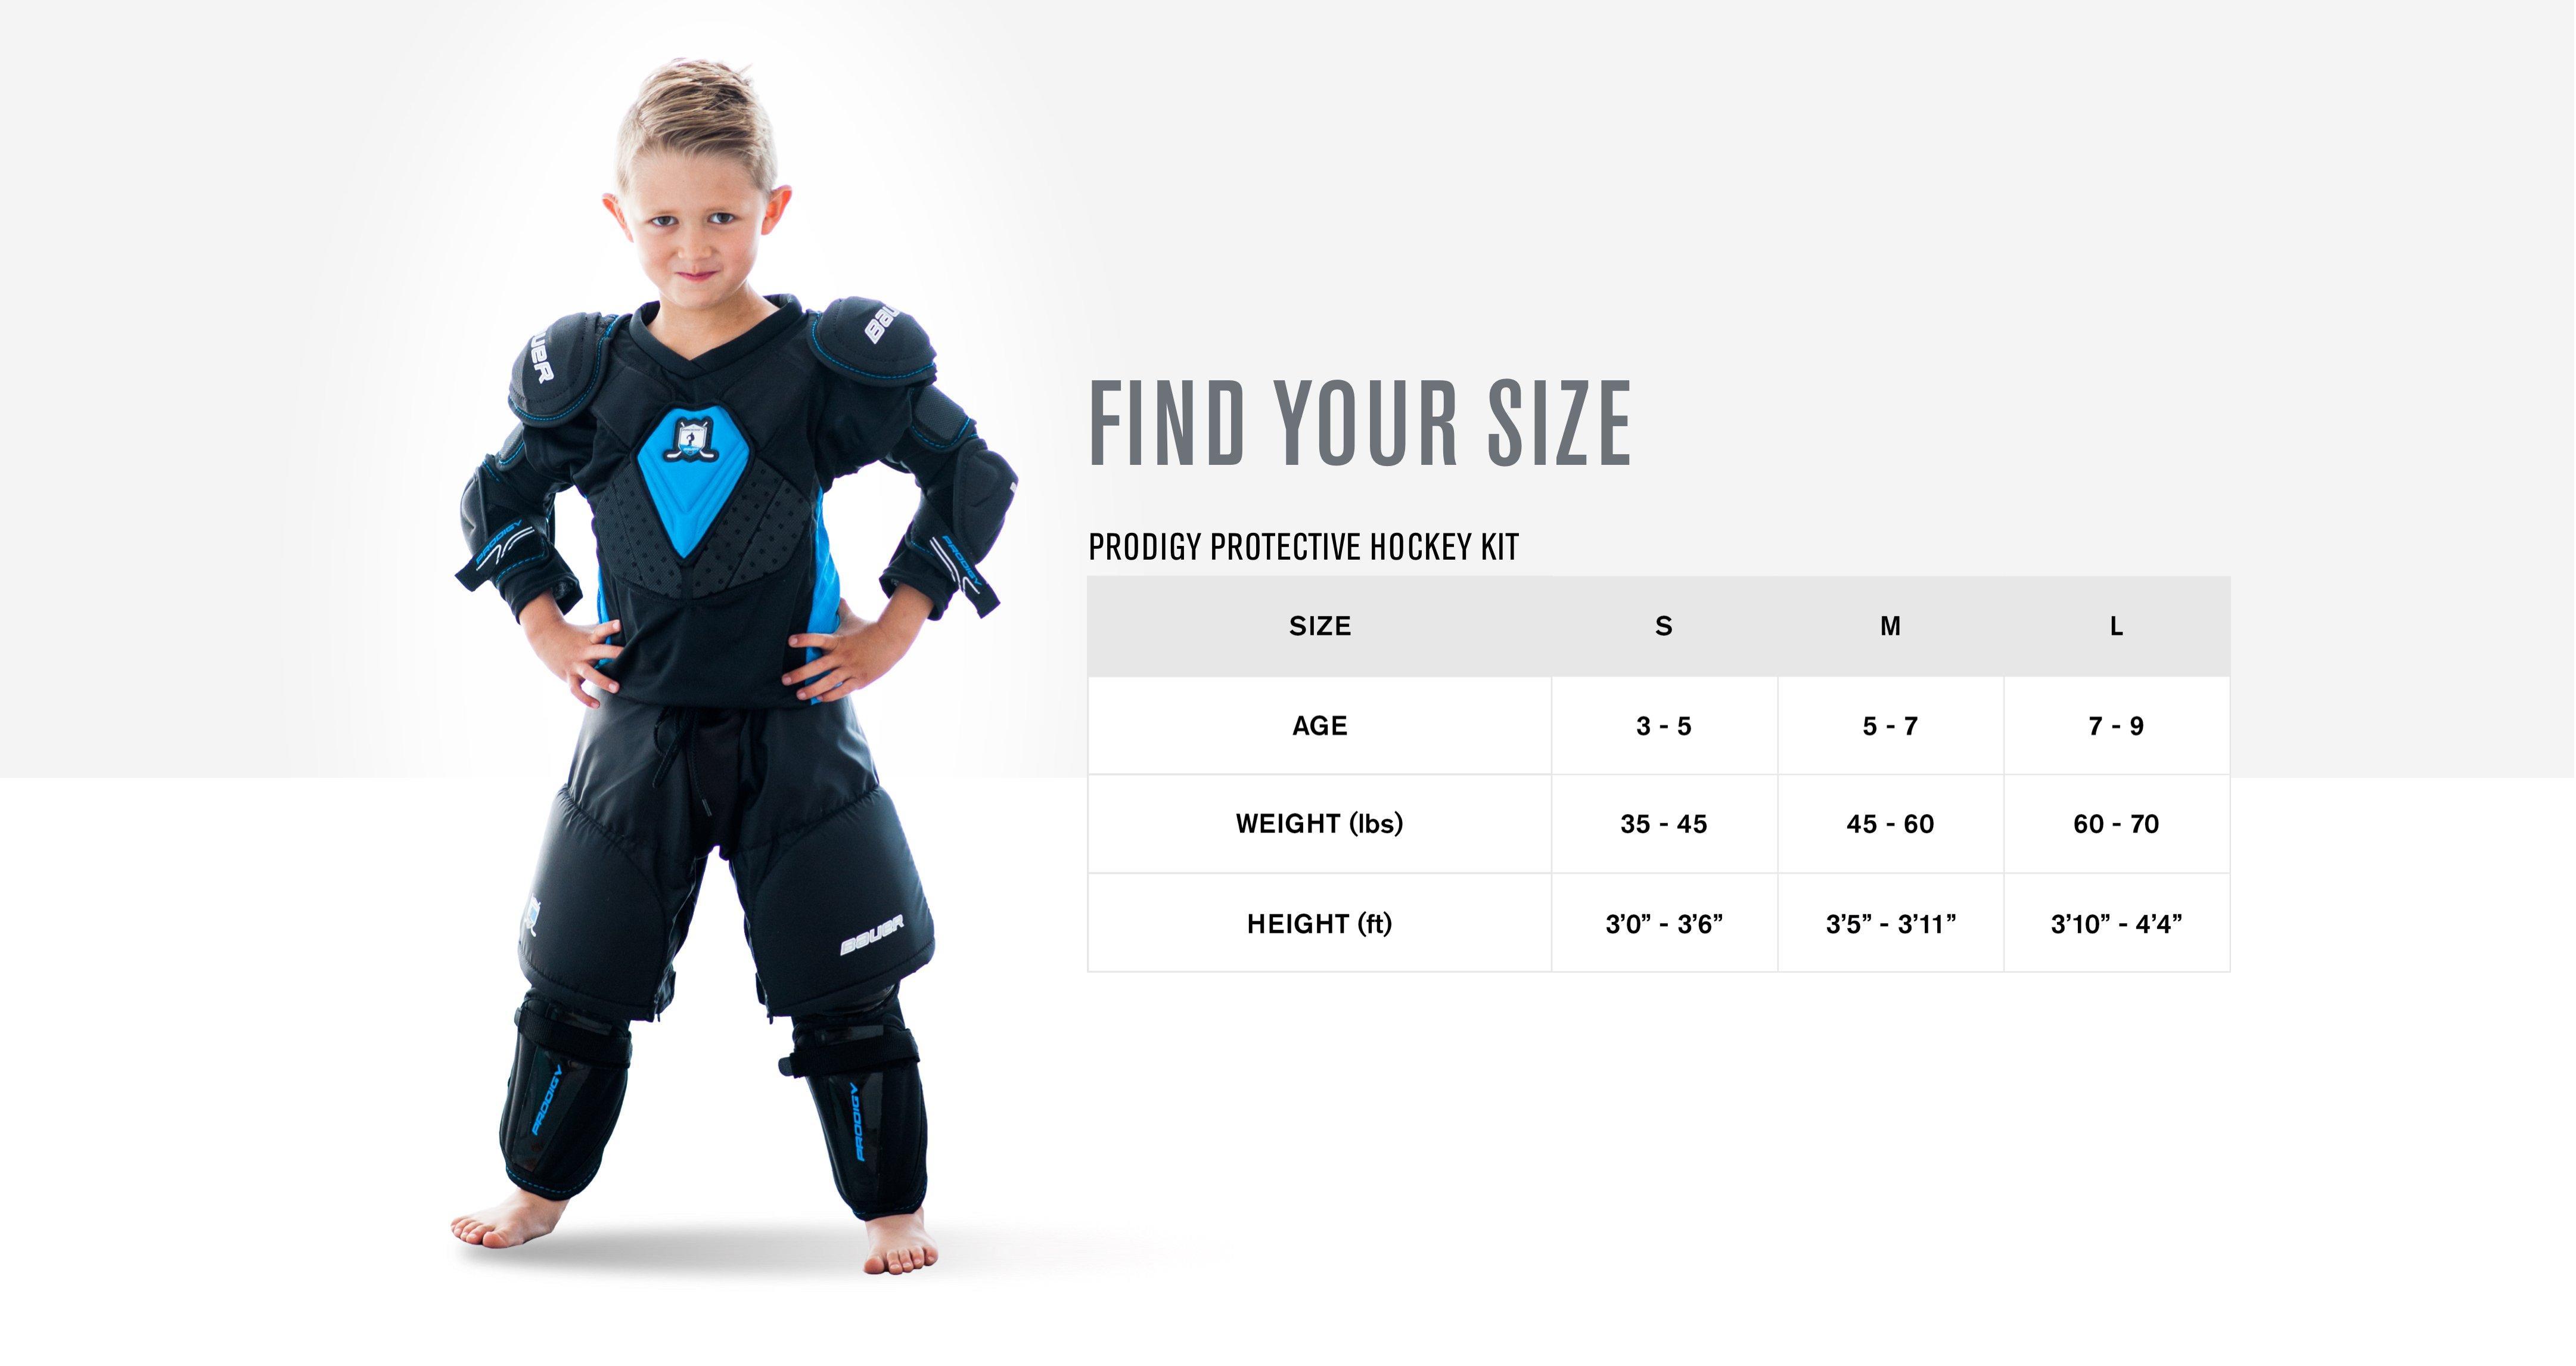 Prodigy Youth Kit FindSize